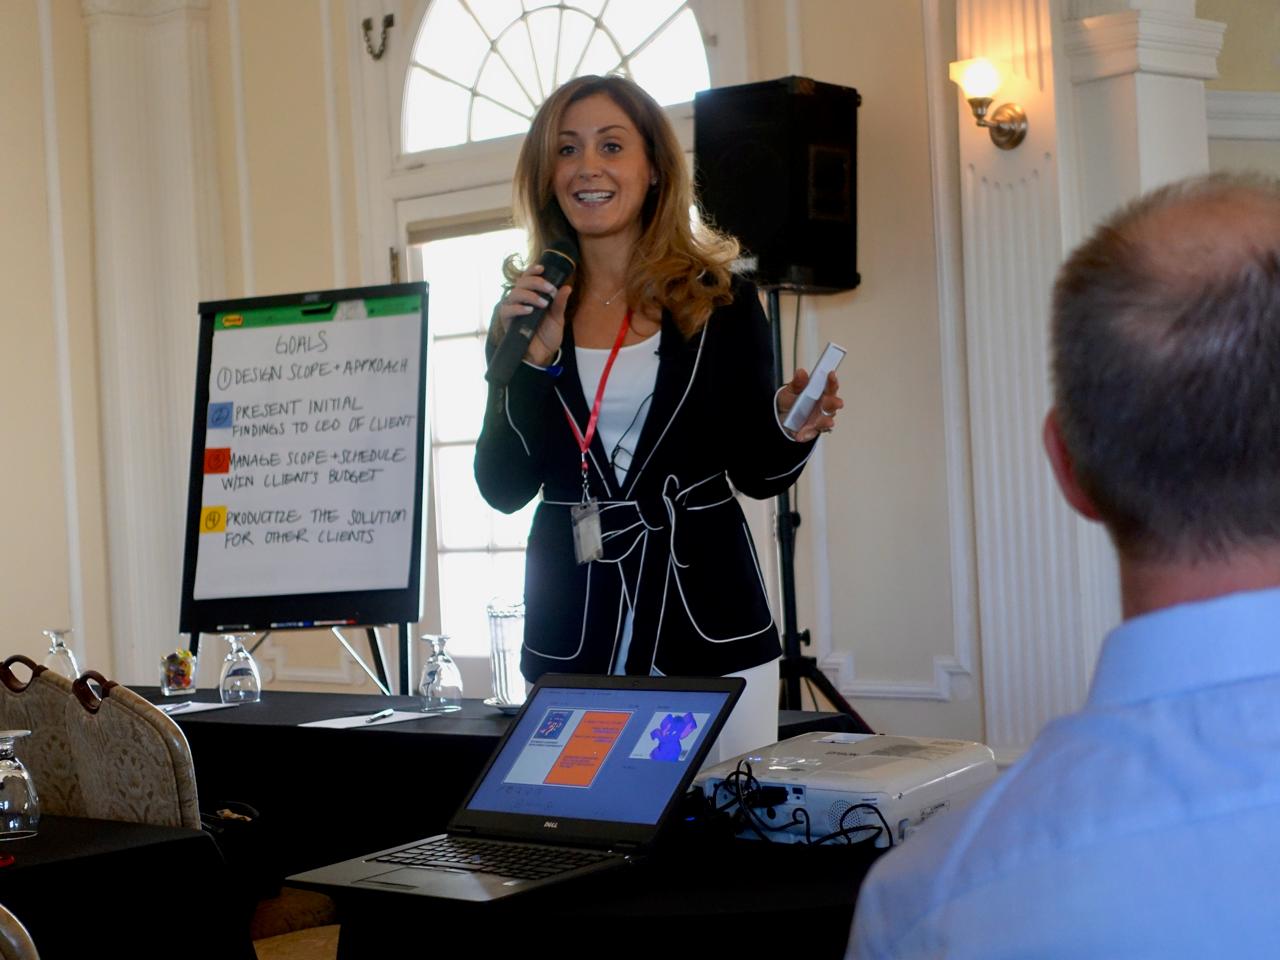 Dr. Mirella De Civita, Keynote Speaker At The 2018 MEECO Leadership Development Conference – May 21-23, Estes Park, Colorado